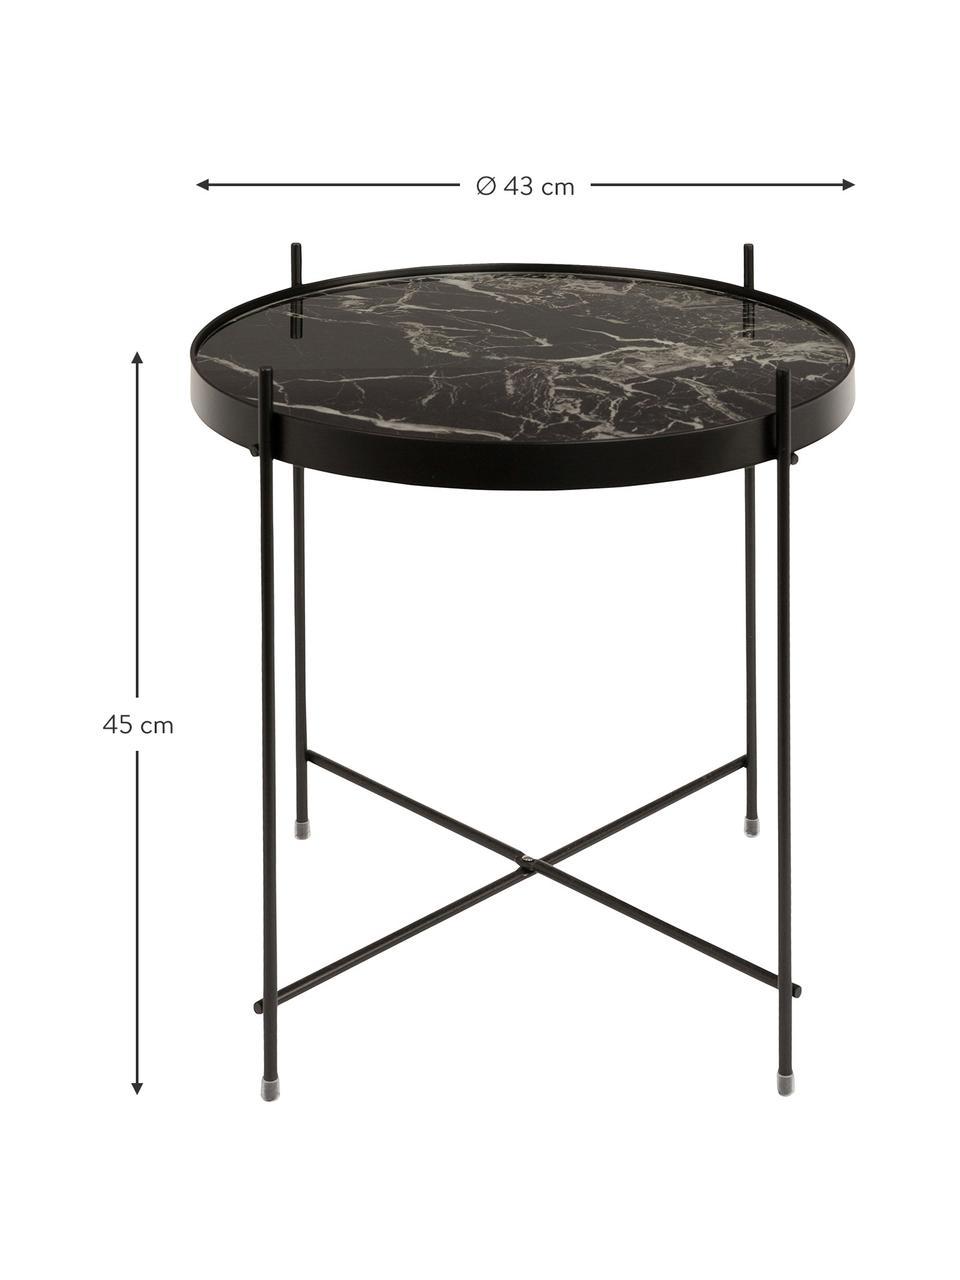 Tavolino-vassoio con piano in vetro effetto marmo Cupid, Struttura: metallo verniciato a polv, Nero, Ø 43 x Alt. 45 cm